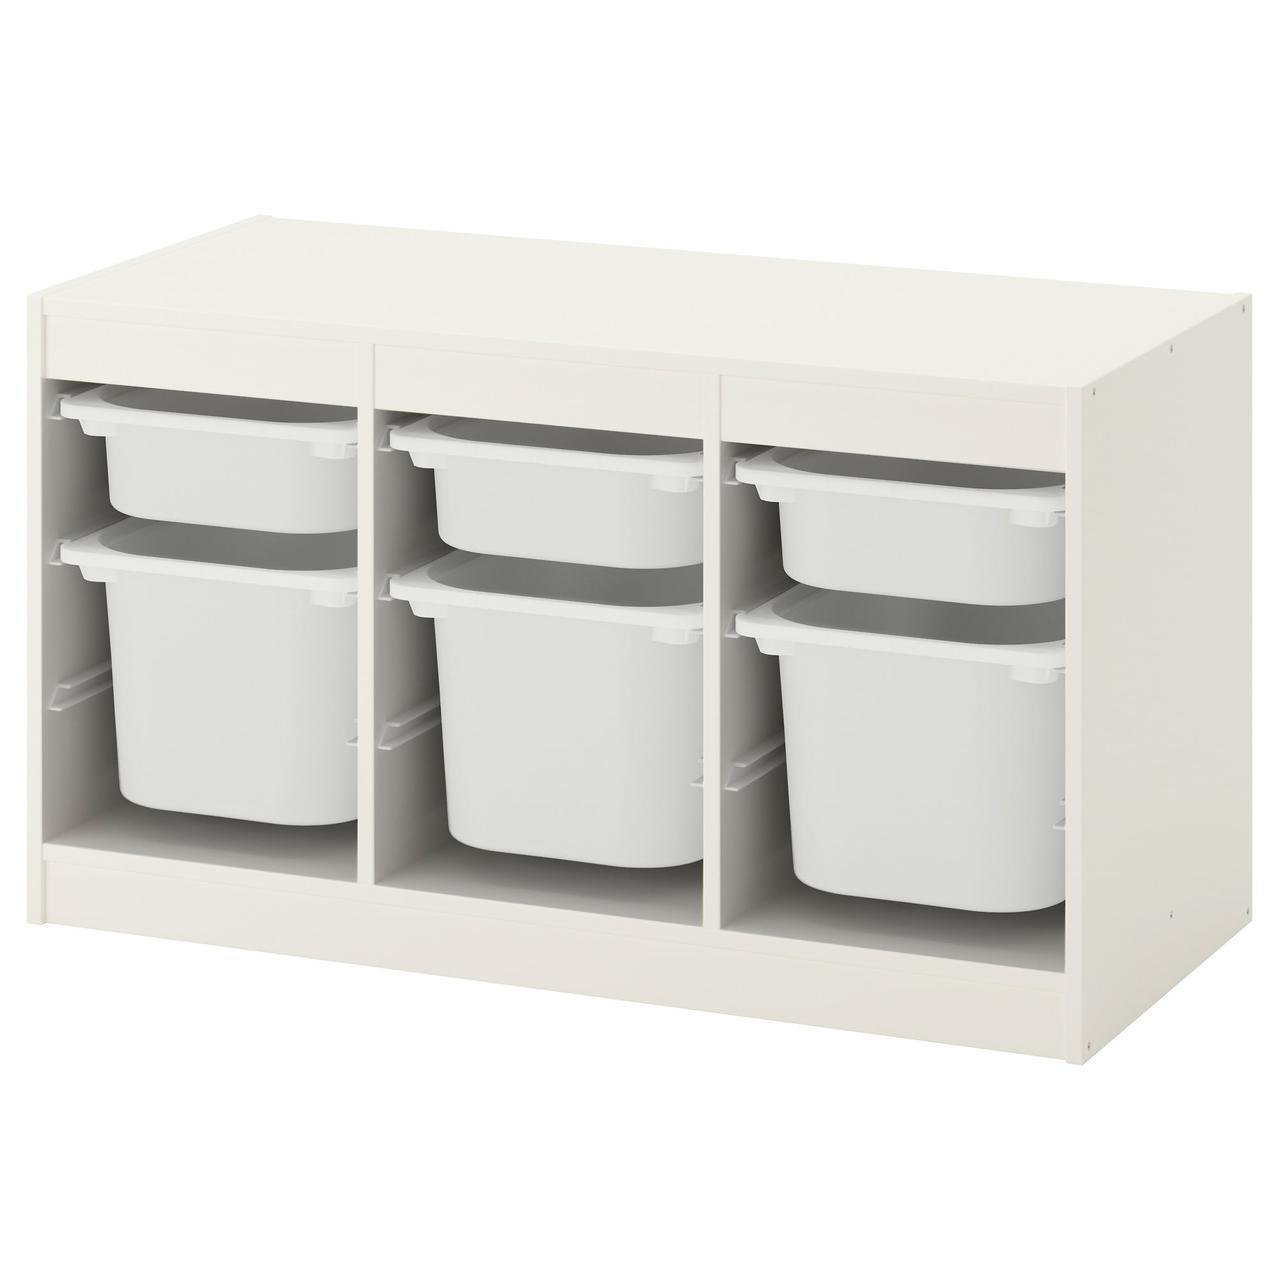 IKEA TROFAST (692.284.73) Шкаф с контейнерами, белый, белый